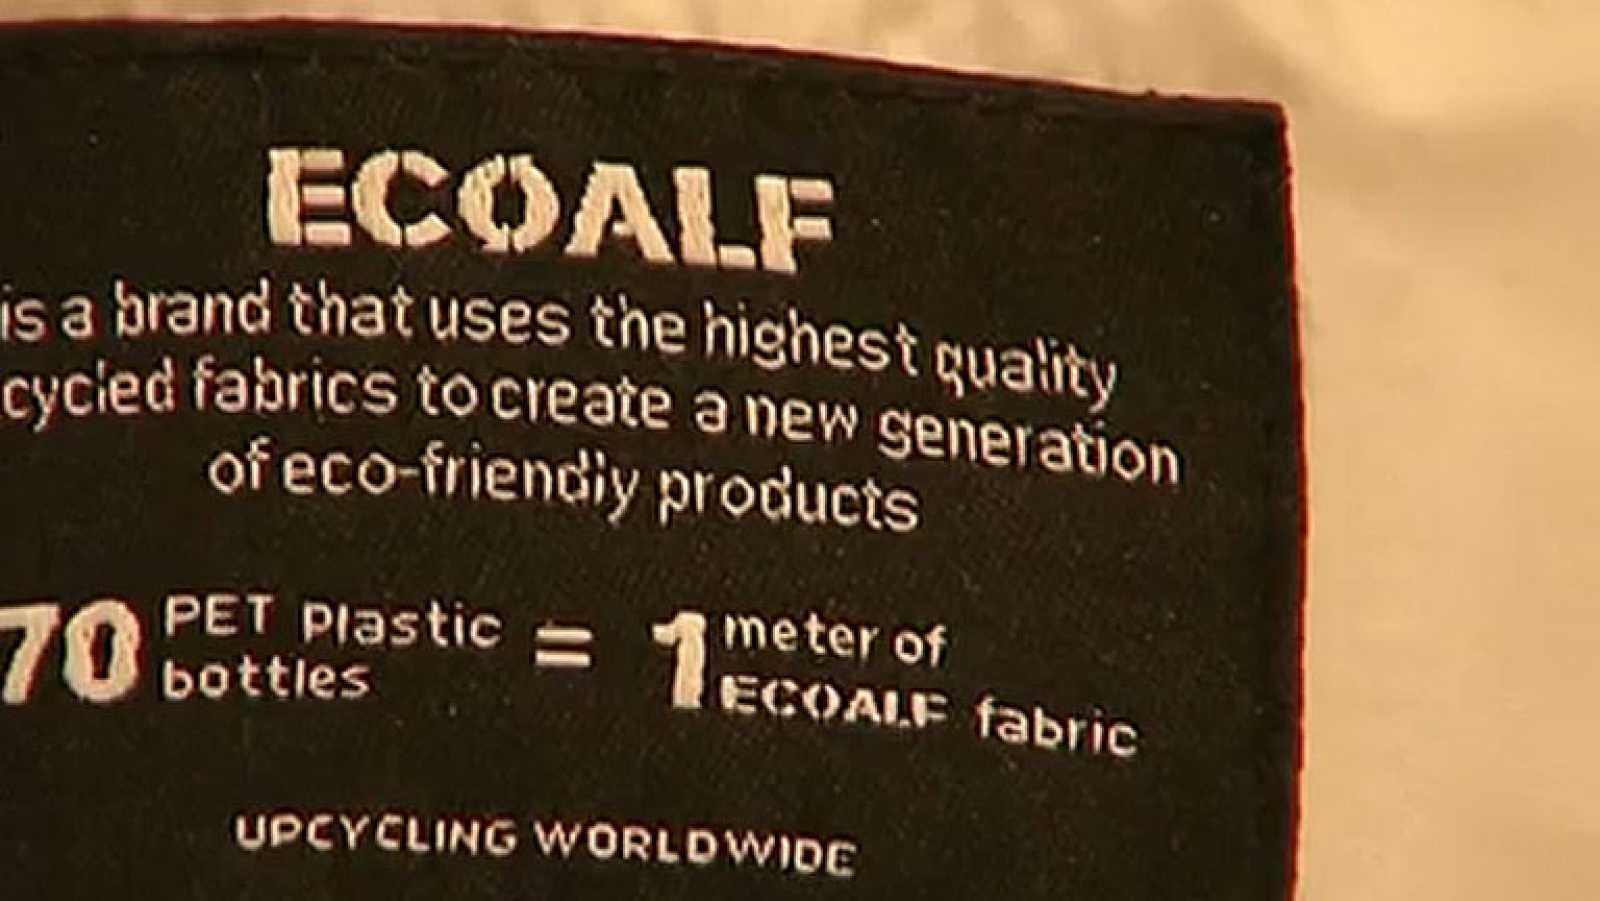 Nuevas firmas de ropa transforman los residuos en material para tejidos